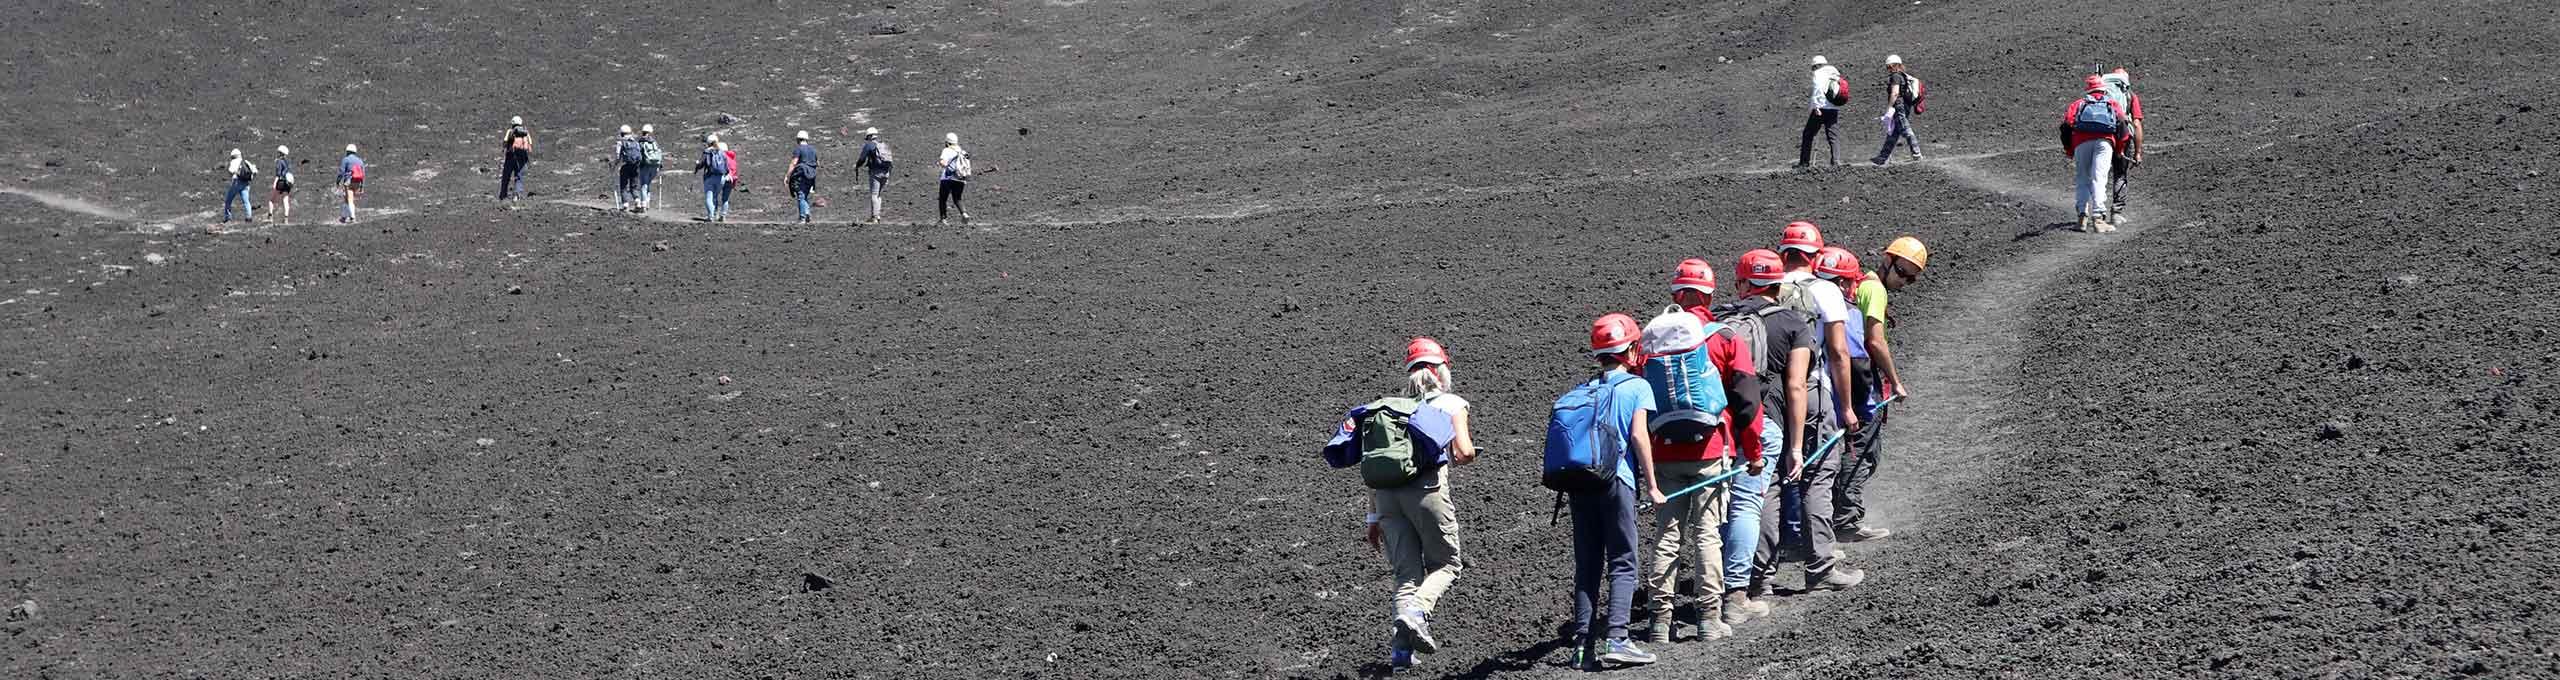 Trekking sull'Etna